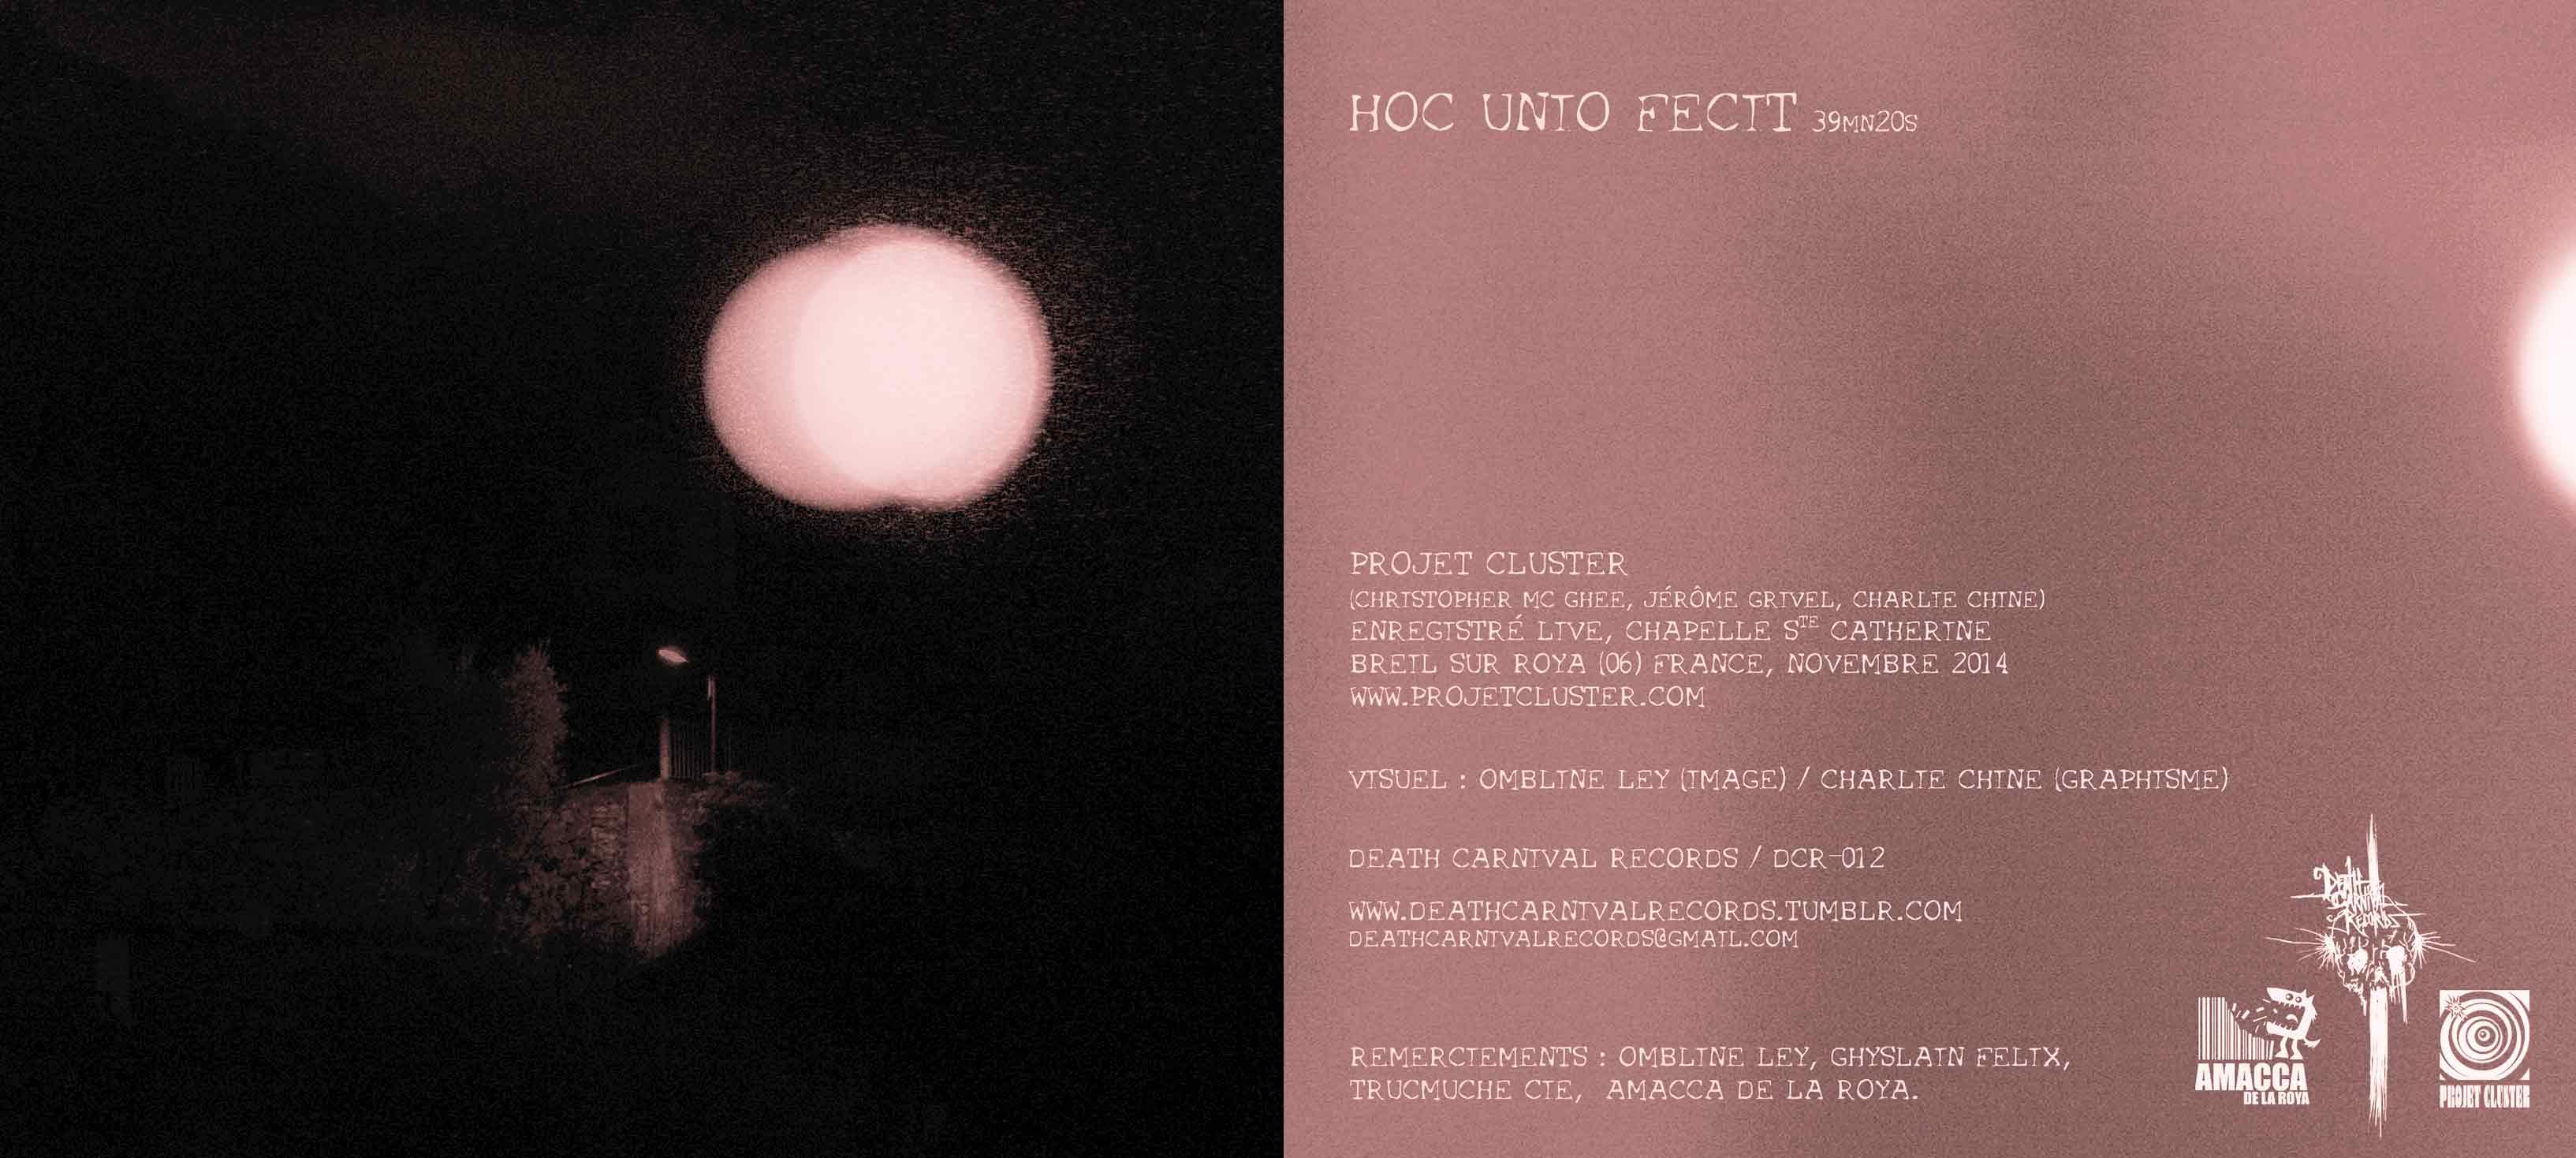 Hoc-Unio-Fecit-pochette-web